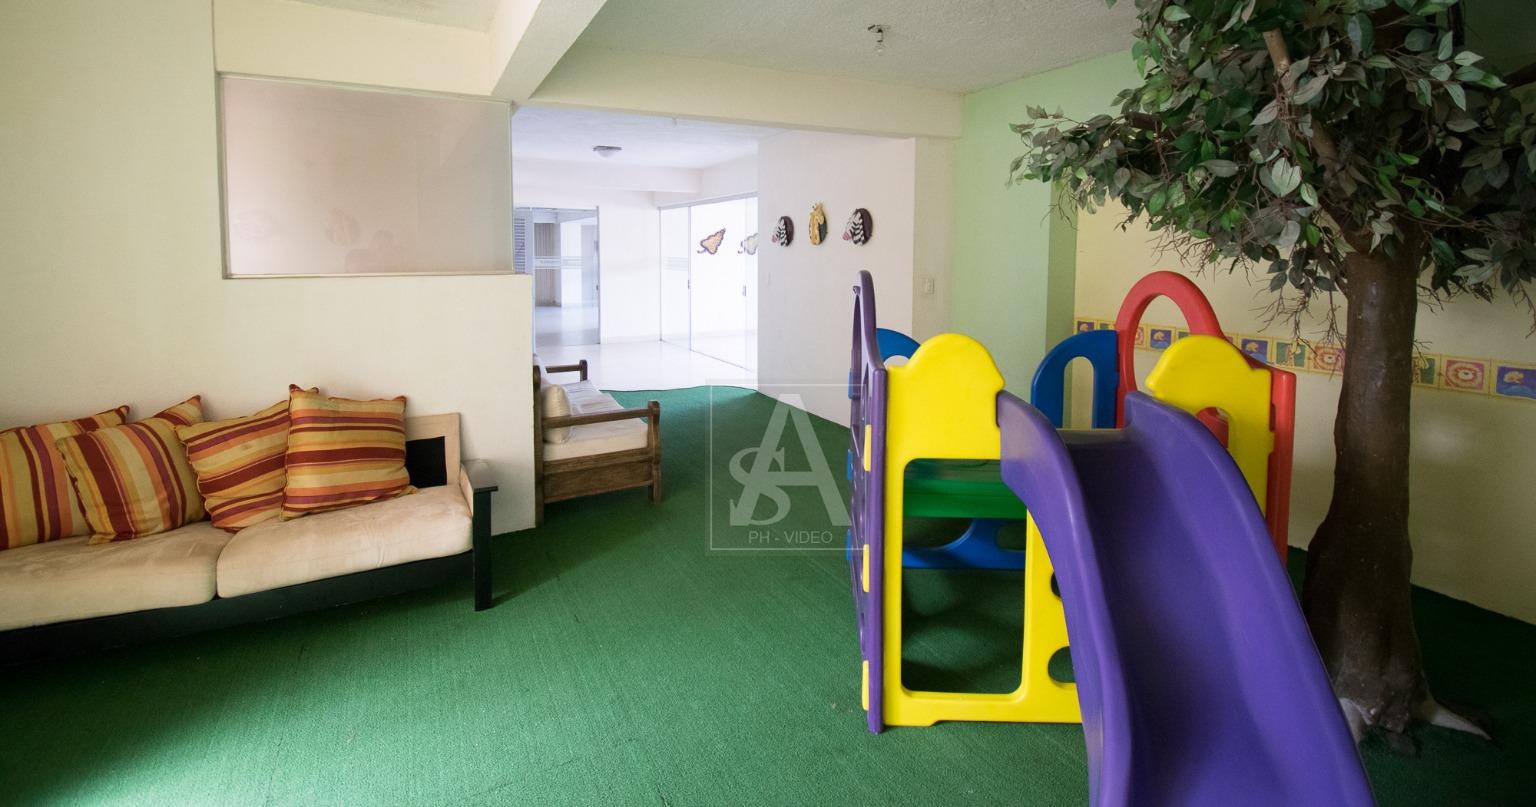 Departamento en Venta DEPARTAMENTO EN VENTA - CONDOMINIO PLAZA GUAPAY - 166.60 m². - AV. GUAPAY Foto 24